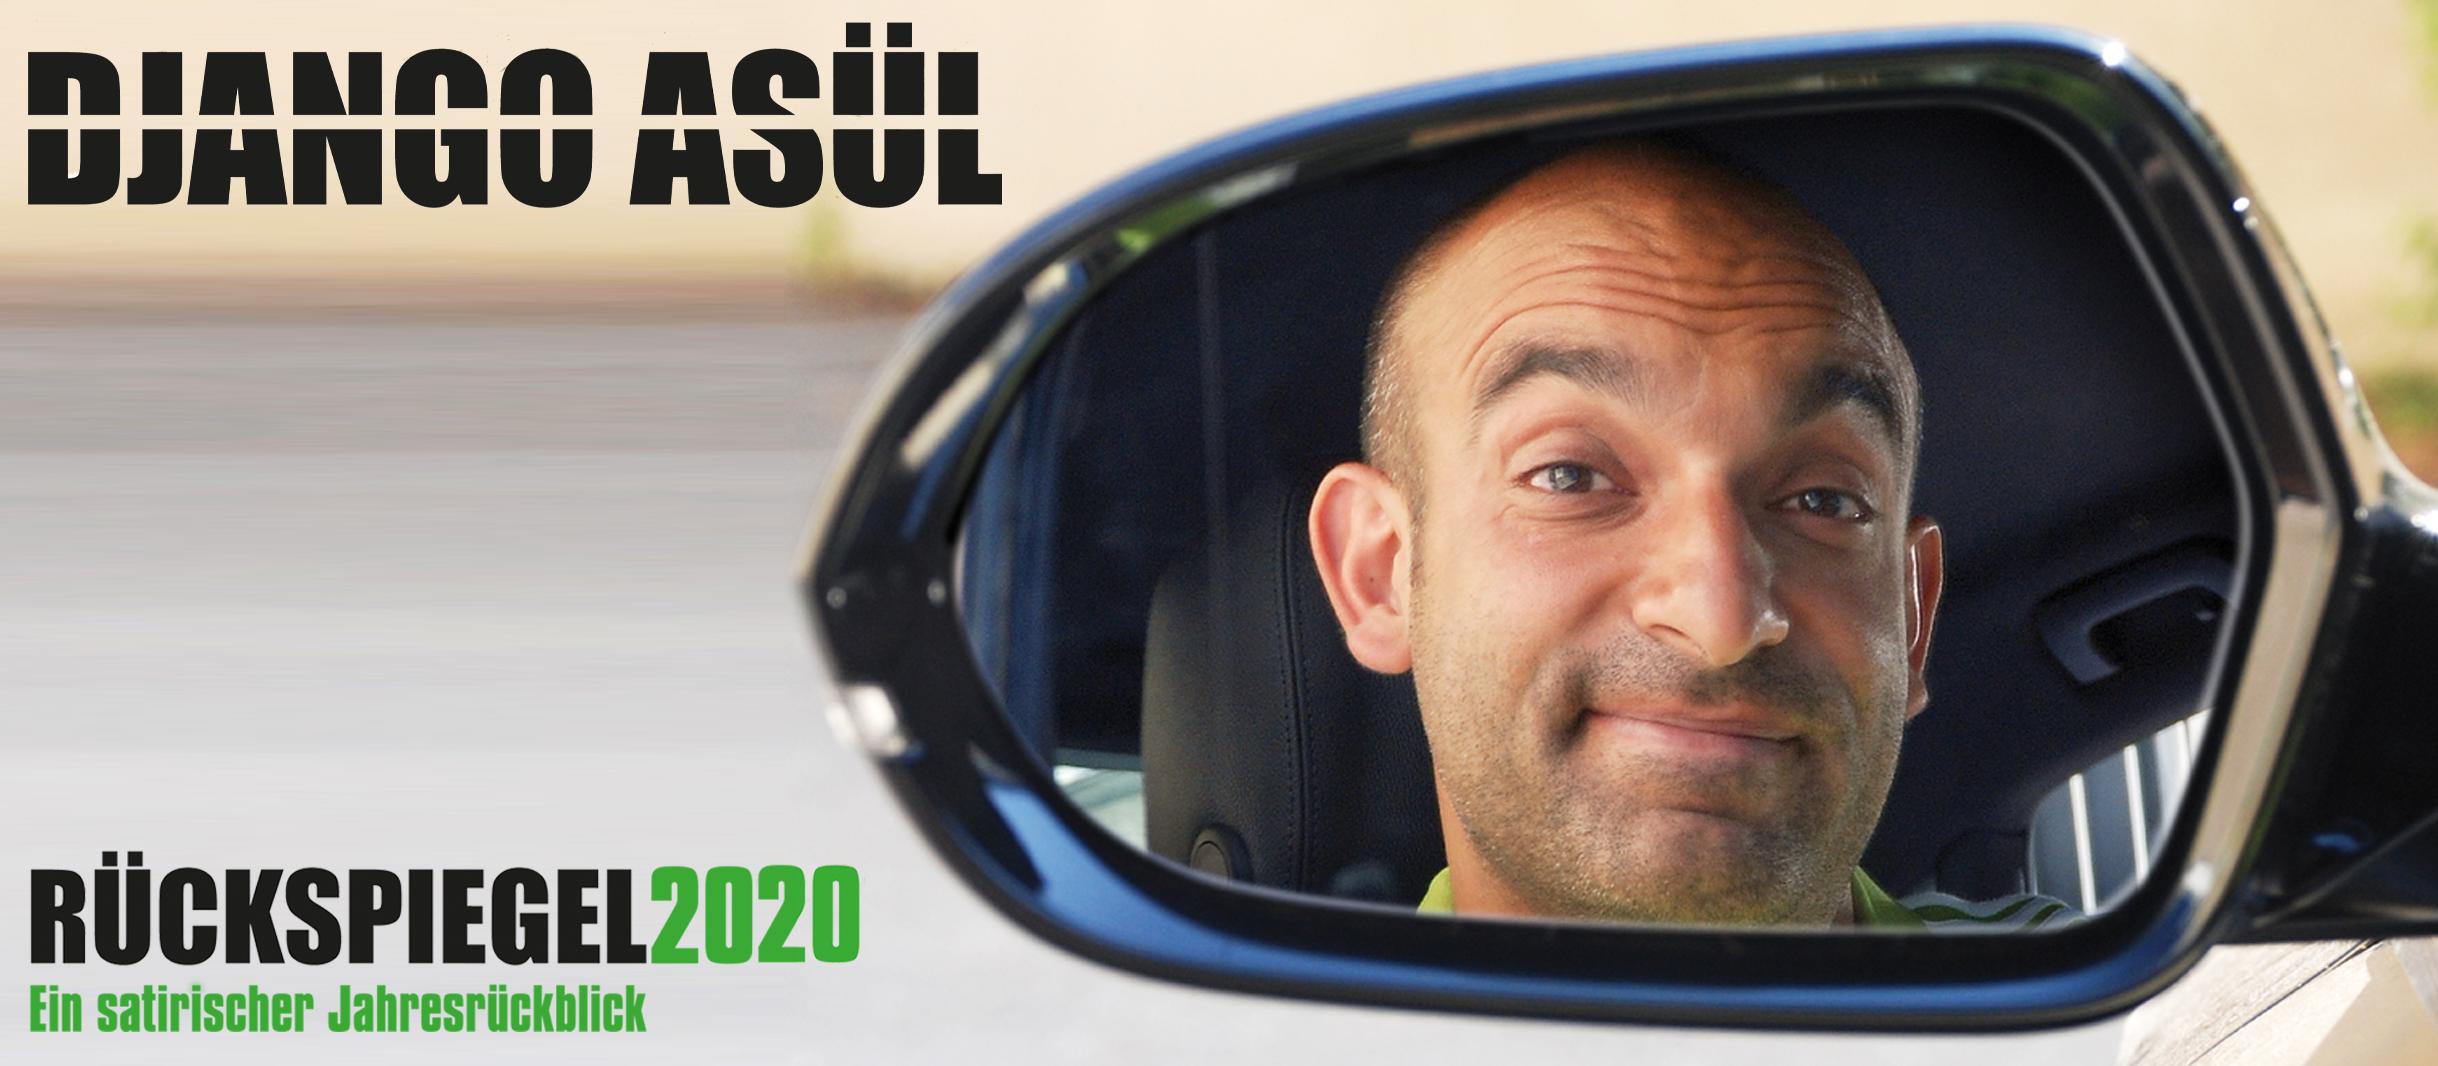 Das Plakatmotiv von Django Asül. Man sieht das Gesicht von Django Asül im Rückspiegel eines Autos. Der Schriftzug Rückspiegel 2020 ist abgedruckt.